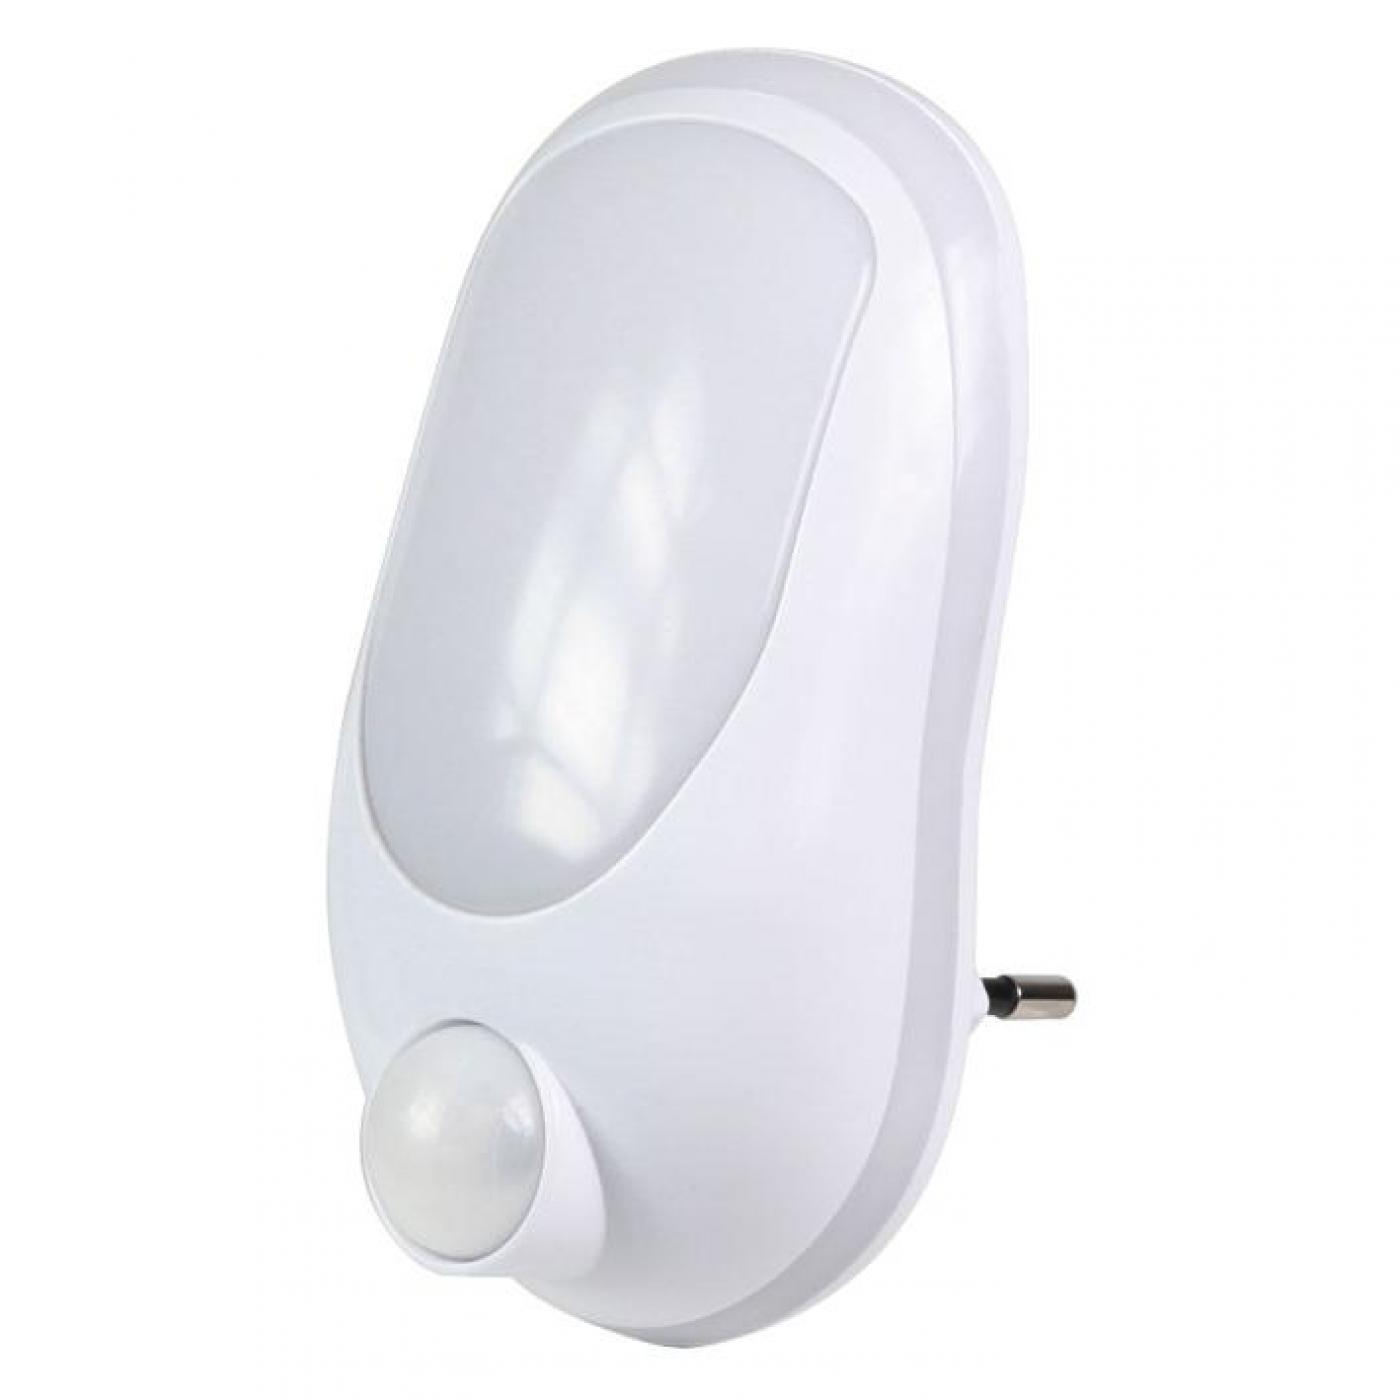 Punto de luz con detector de movimiento blanco duolec por - Detector de luz ...